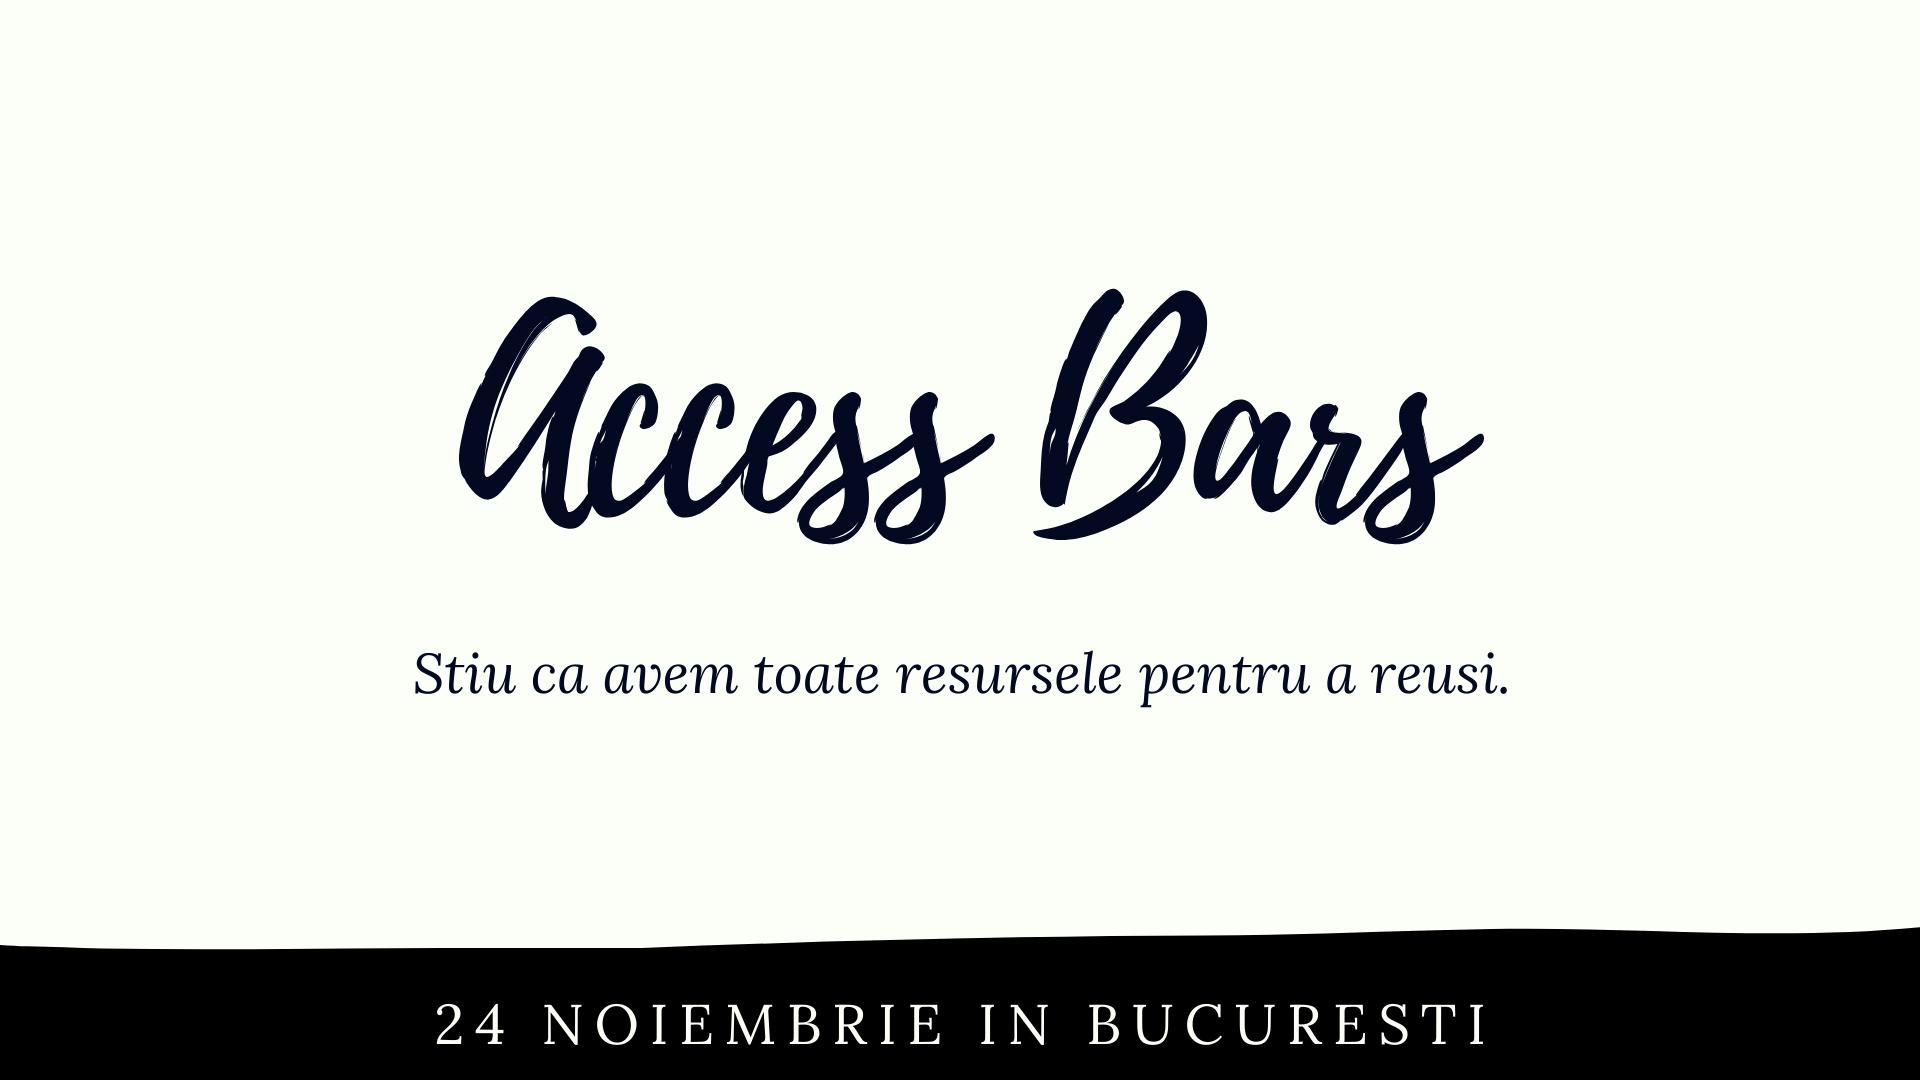 Clasa Access Bars, 24 Noiembrie in Bucuresti